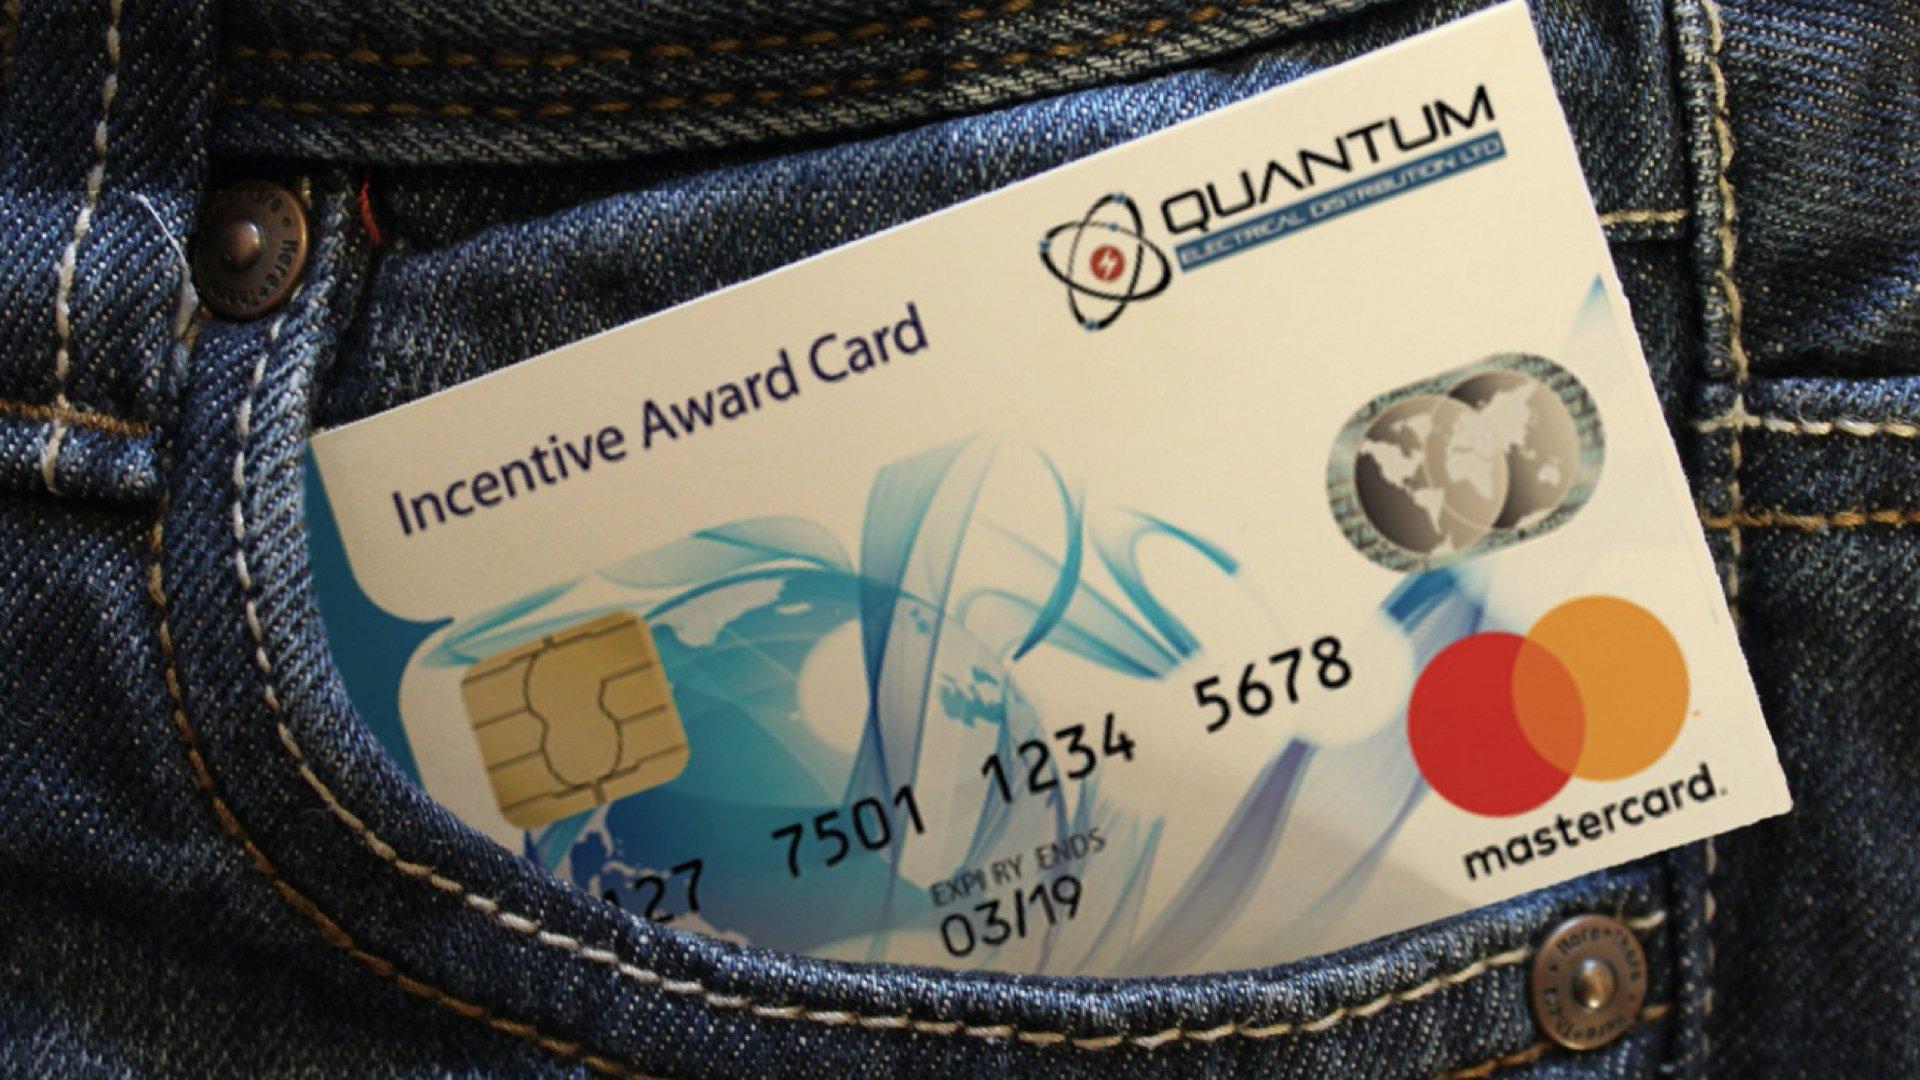 Quantum Eadenred rewards card